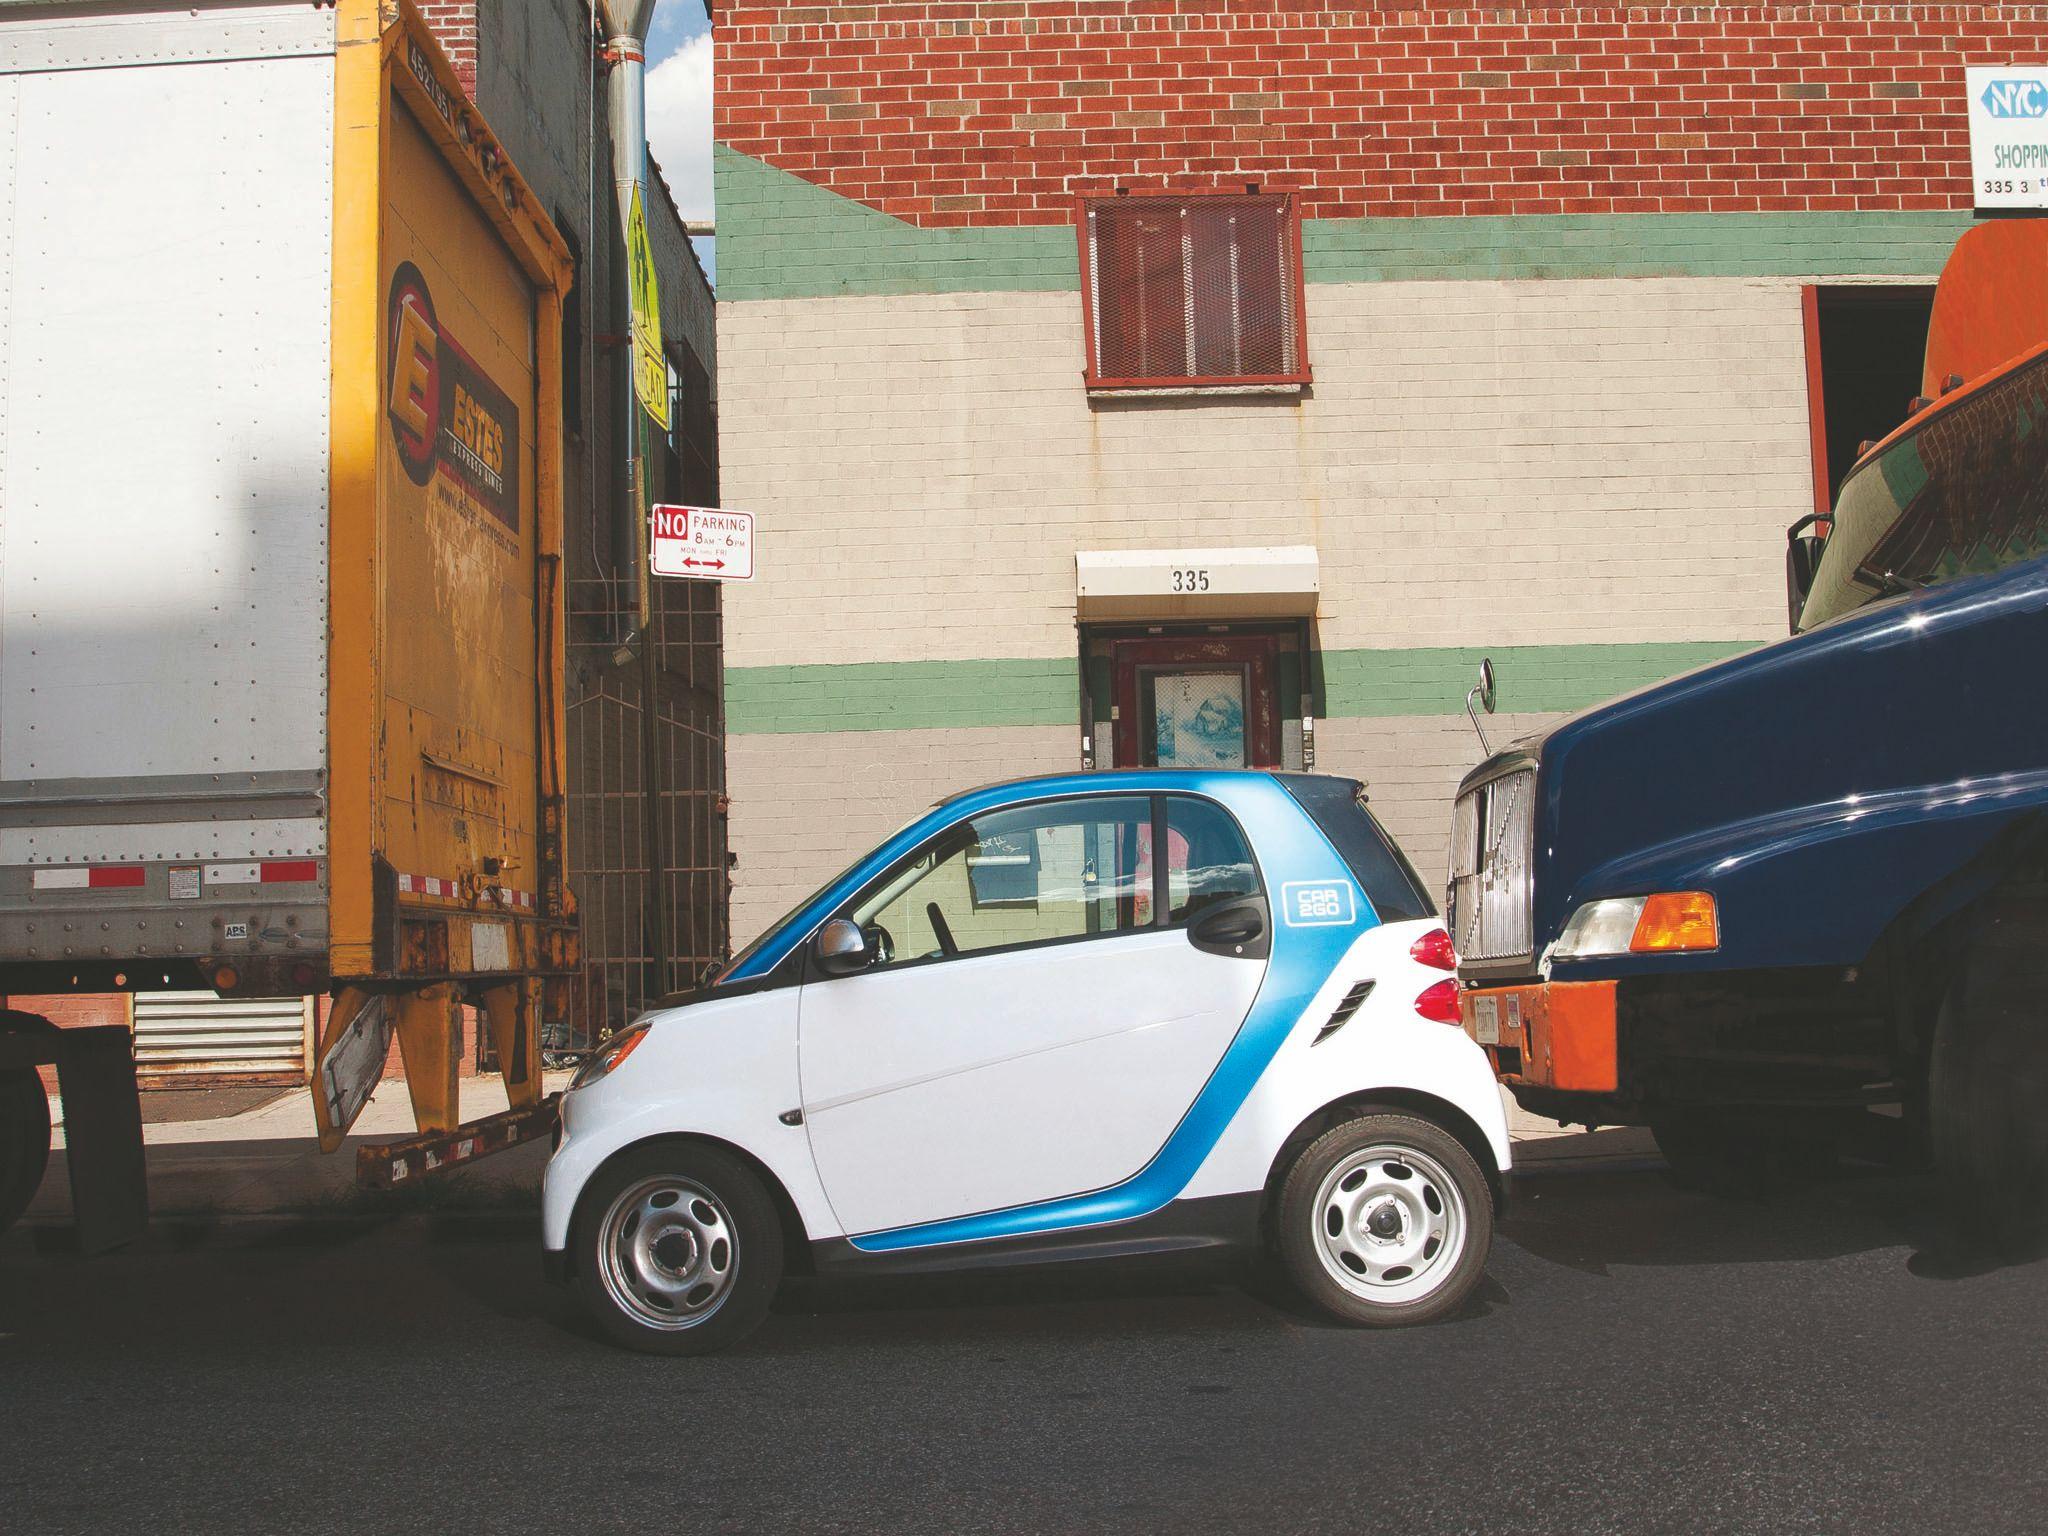 Nyc Alternate Side Parking Calendar 2020 | Calendar for Planning